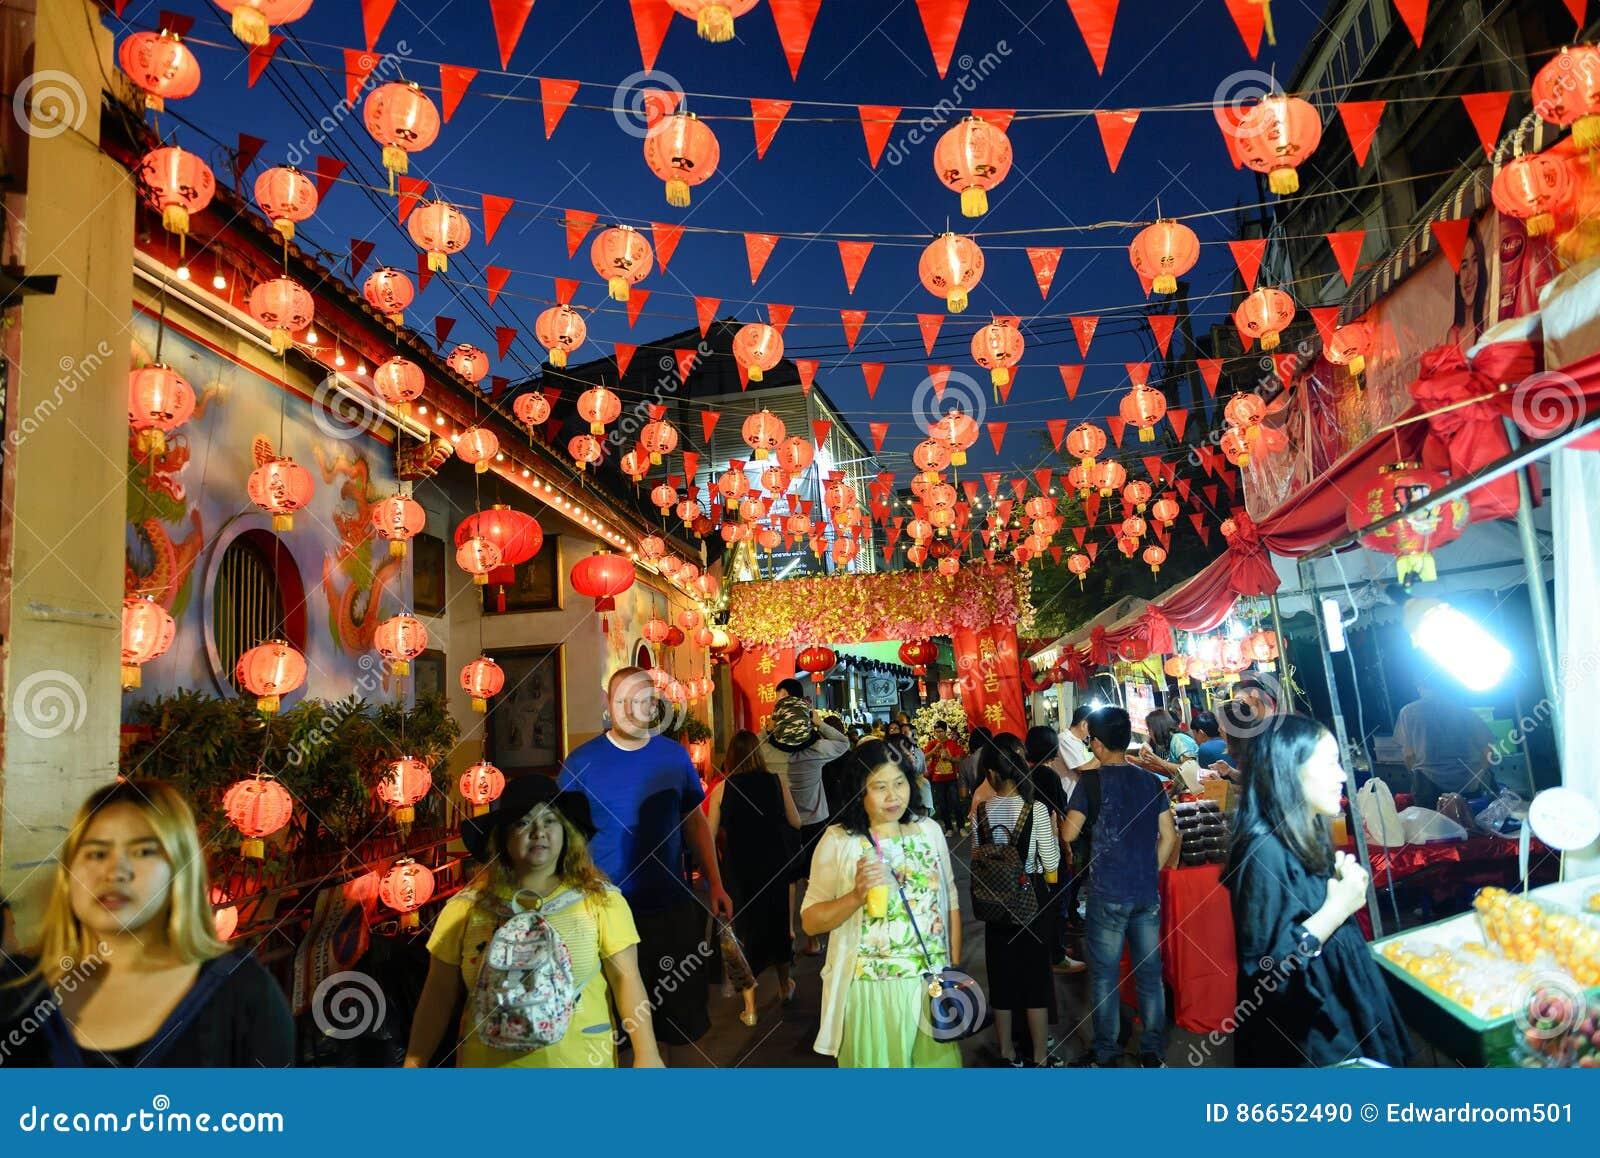 Chinesisches Neues Jahr In Thailand Redaktionelles Bild - Bild von ...